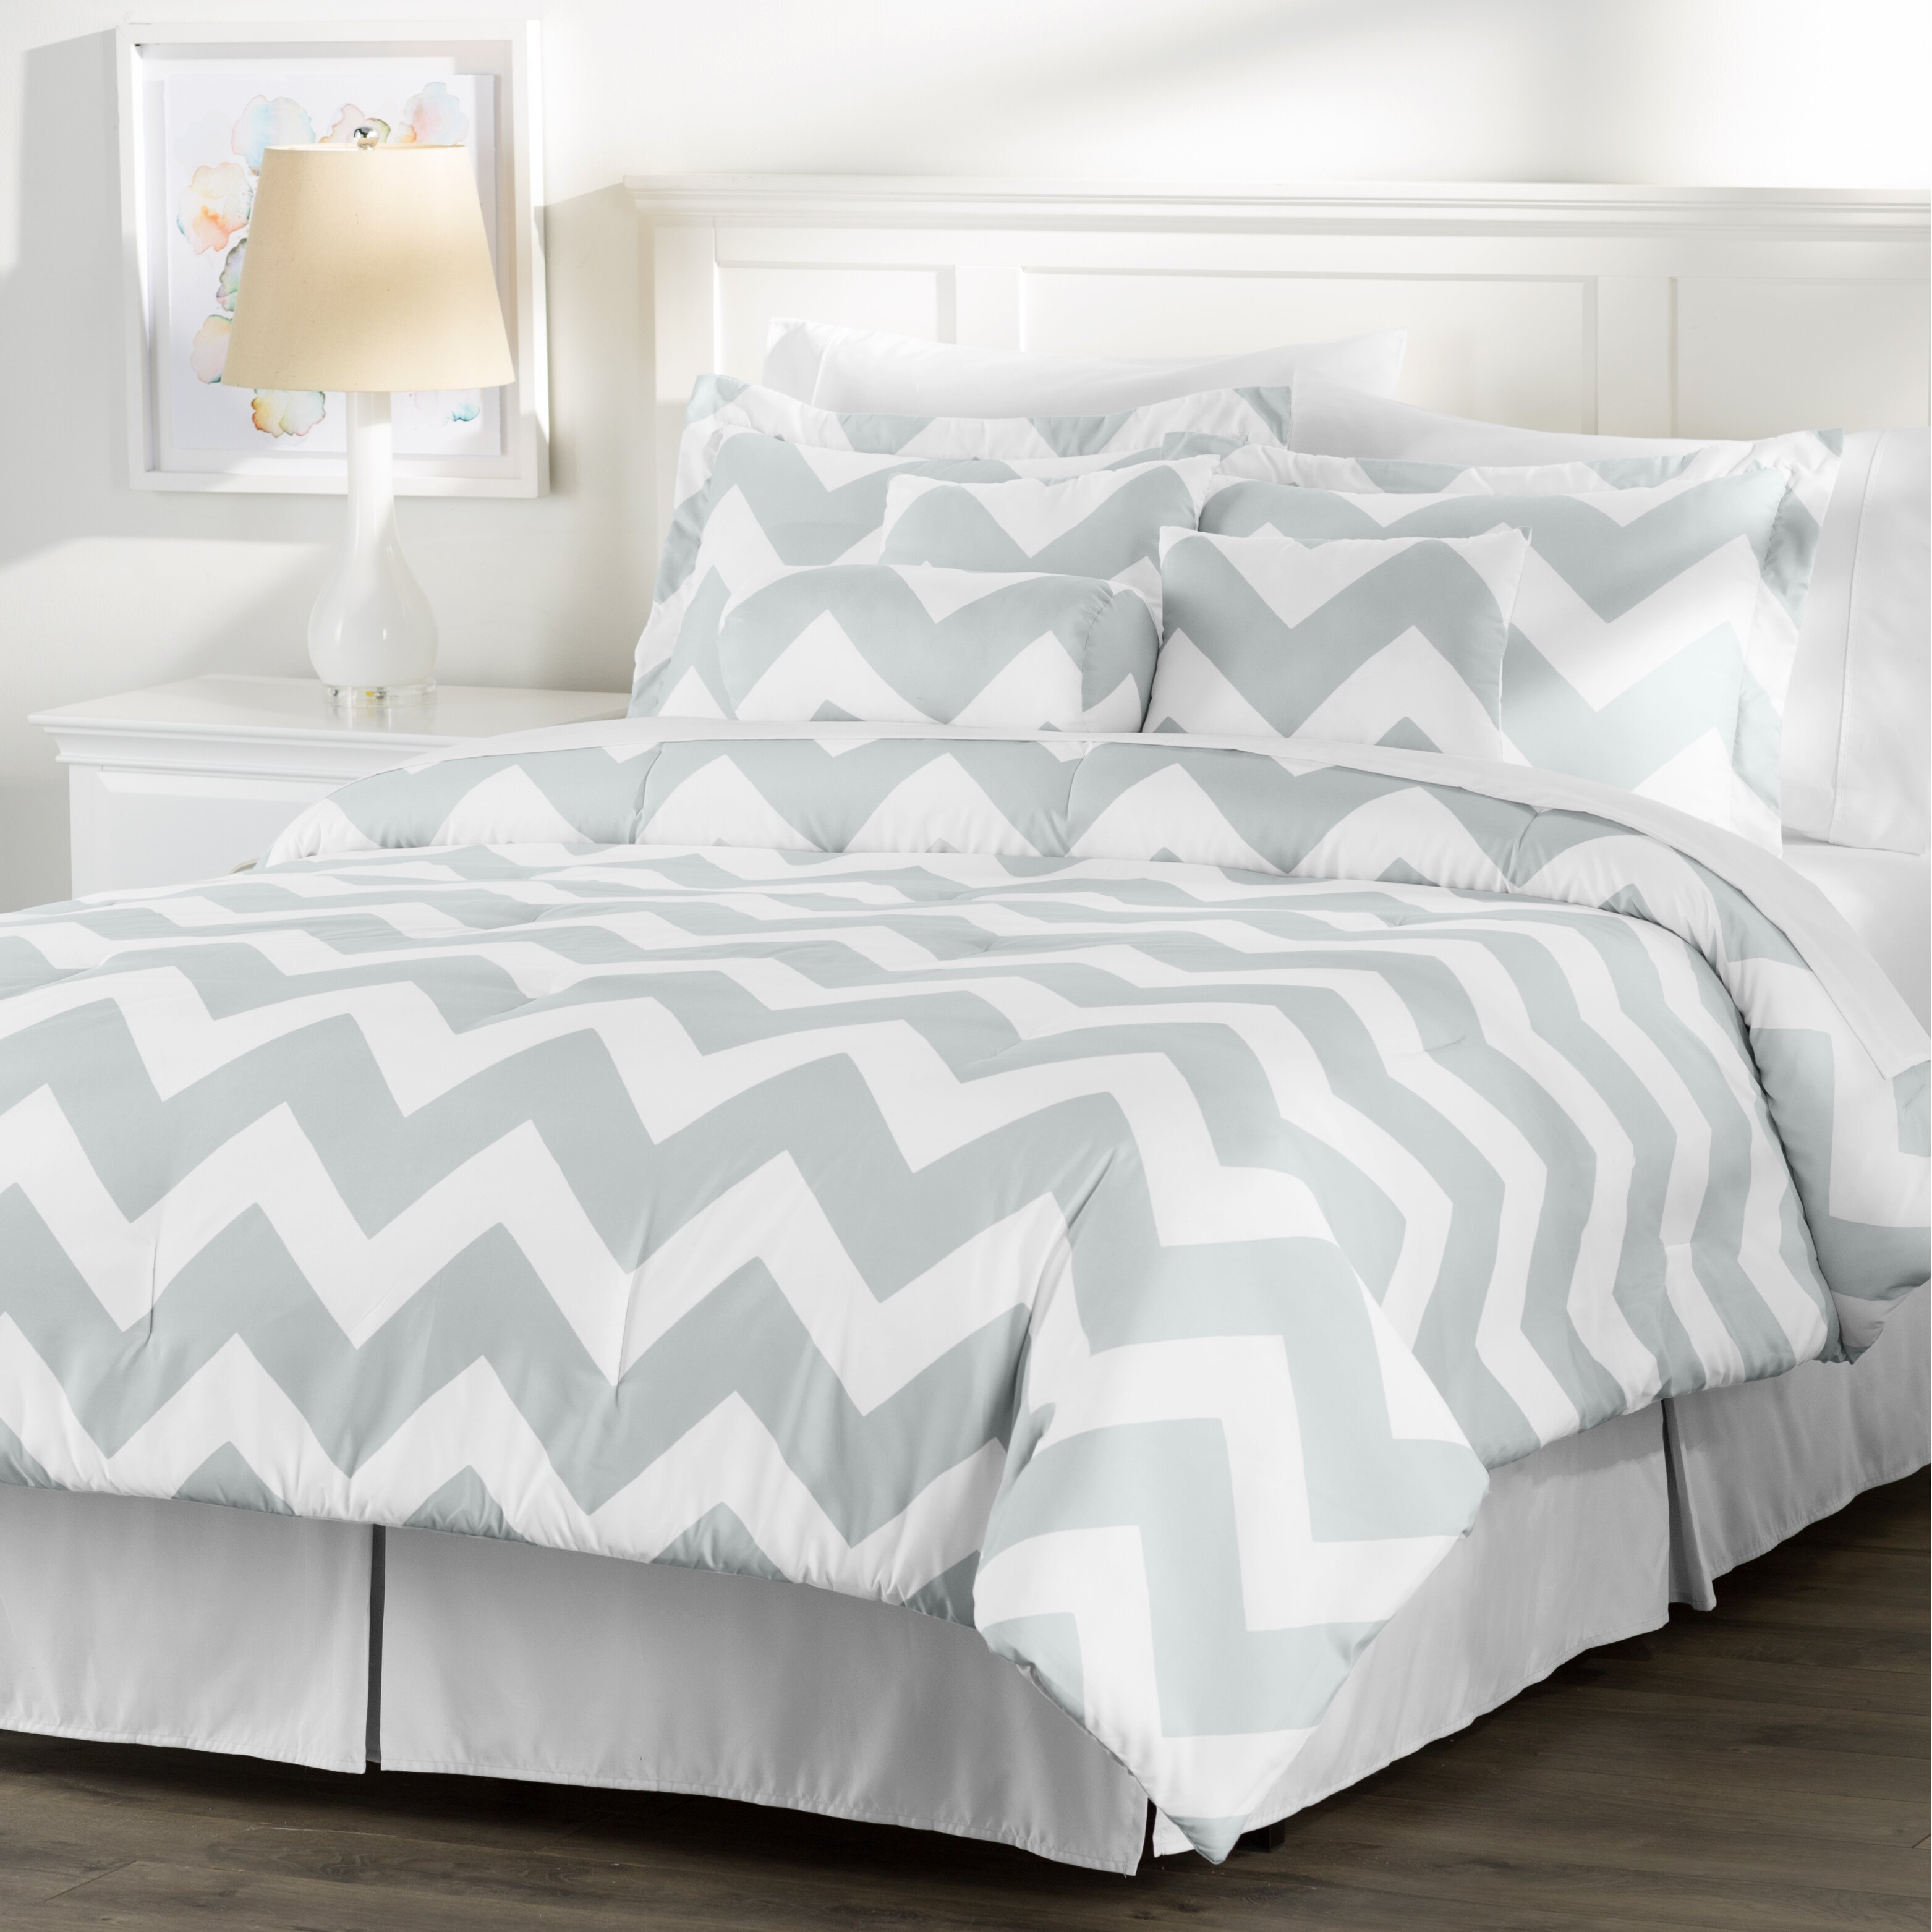 Wayfair basics wayfair basics 7 piece comforter set amp reviews - Wayfair Basics Wayfair Basics 7 Piece Comforter Set